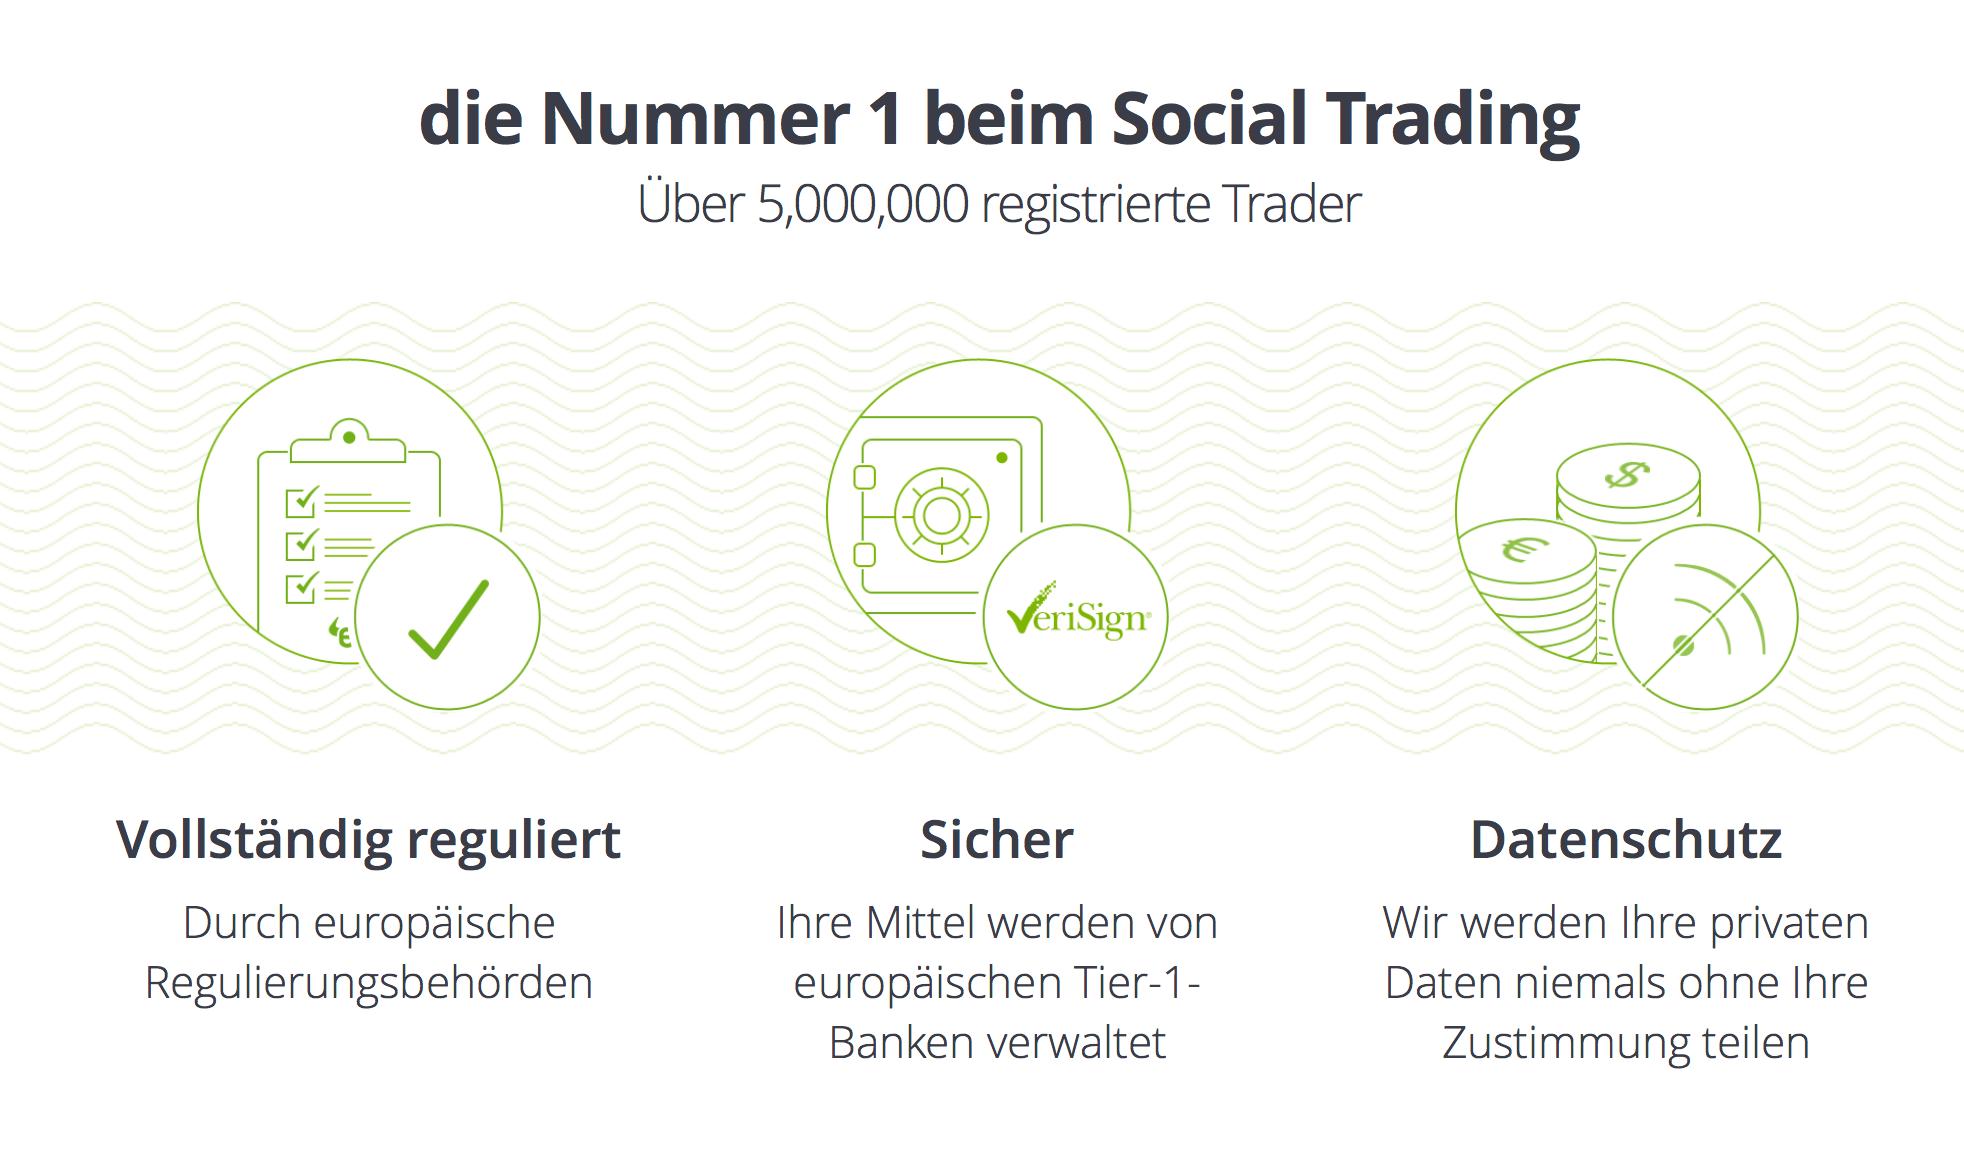 eToro - die Nummer 1 beim Social Trading